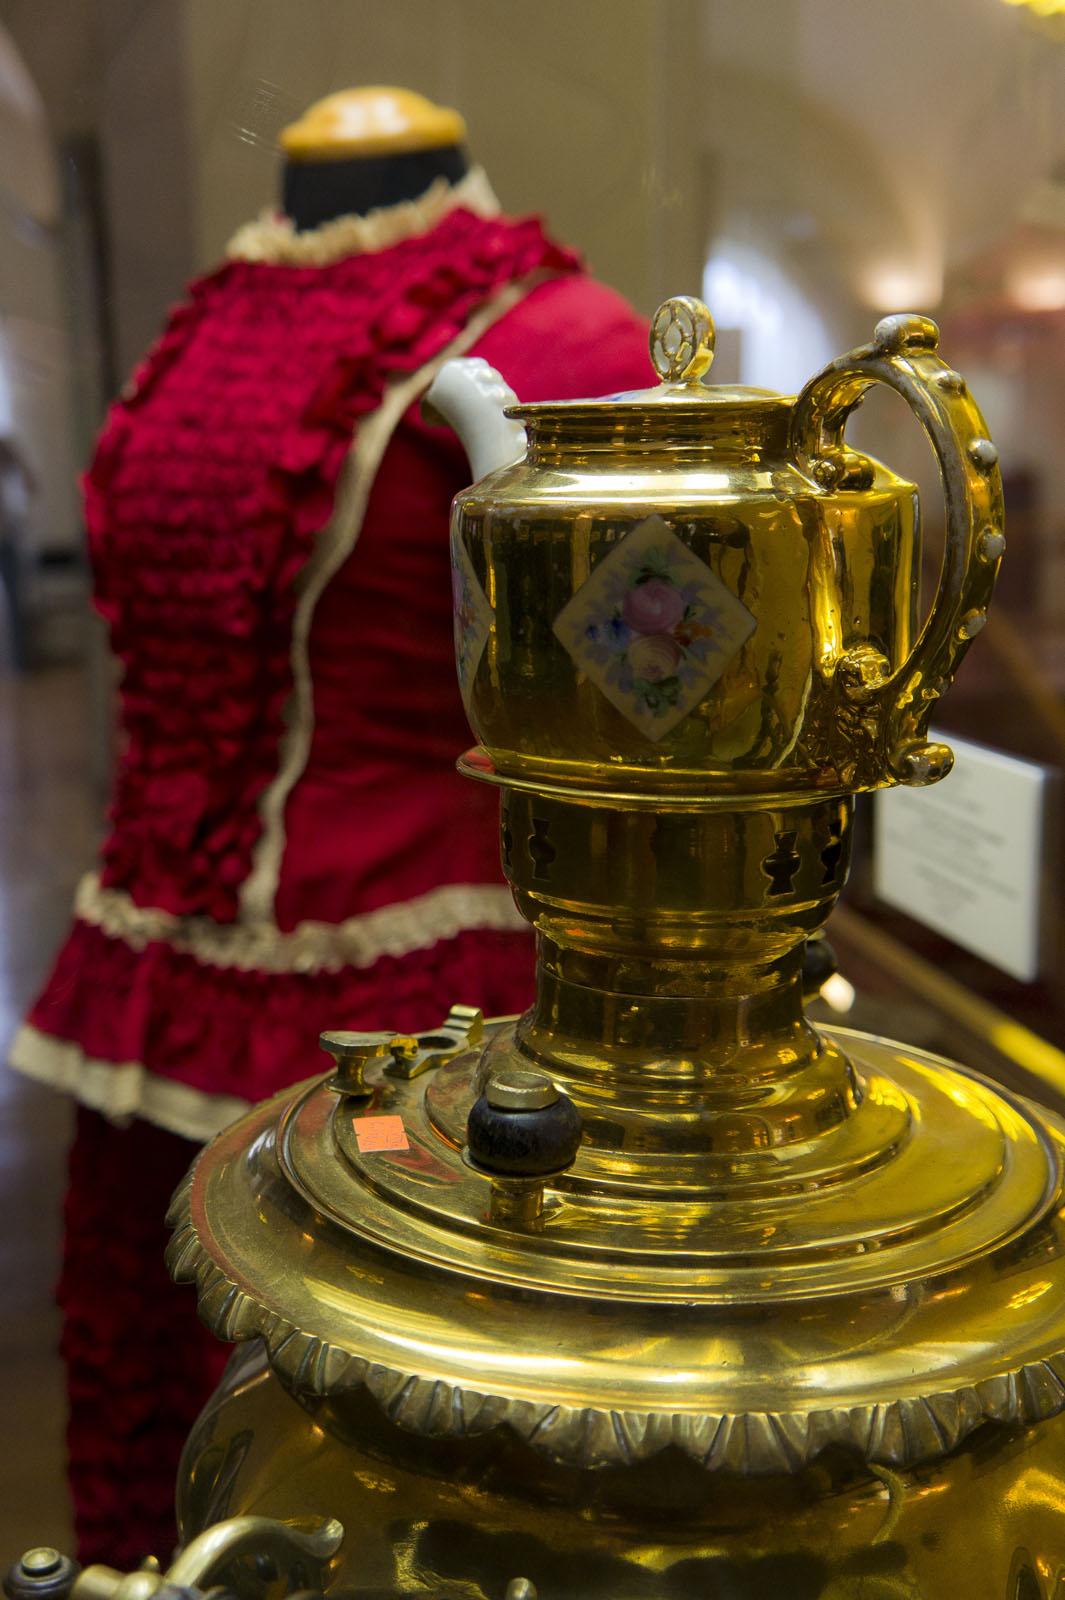 Фото №80029. Платье дамское /Сервиз чайный (часть) с росписью розами в ромбических резервах/ самовар ''ваза граненая''